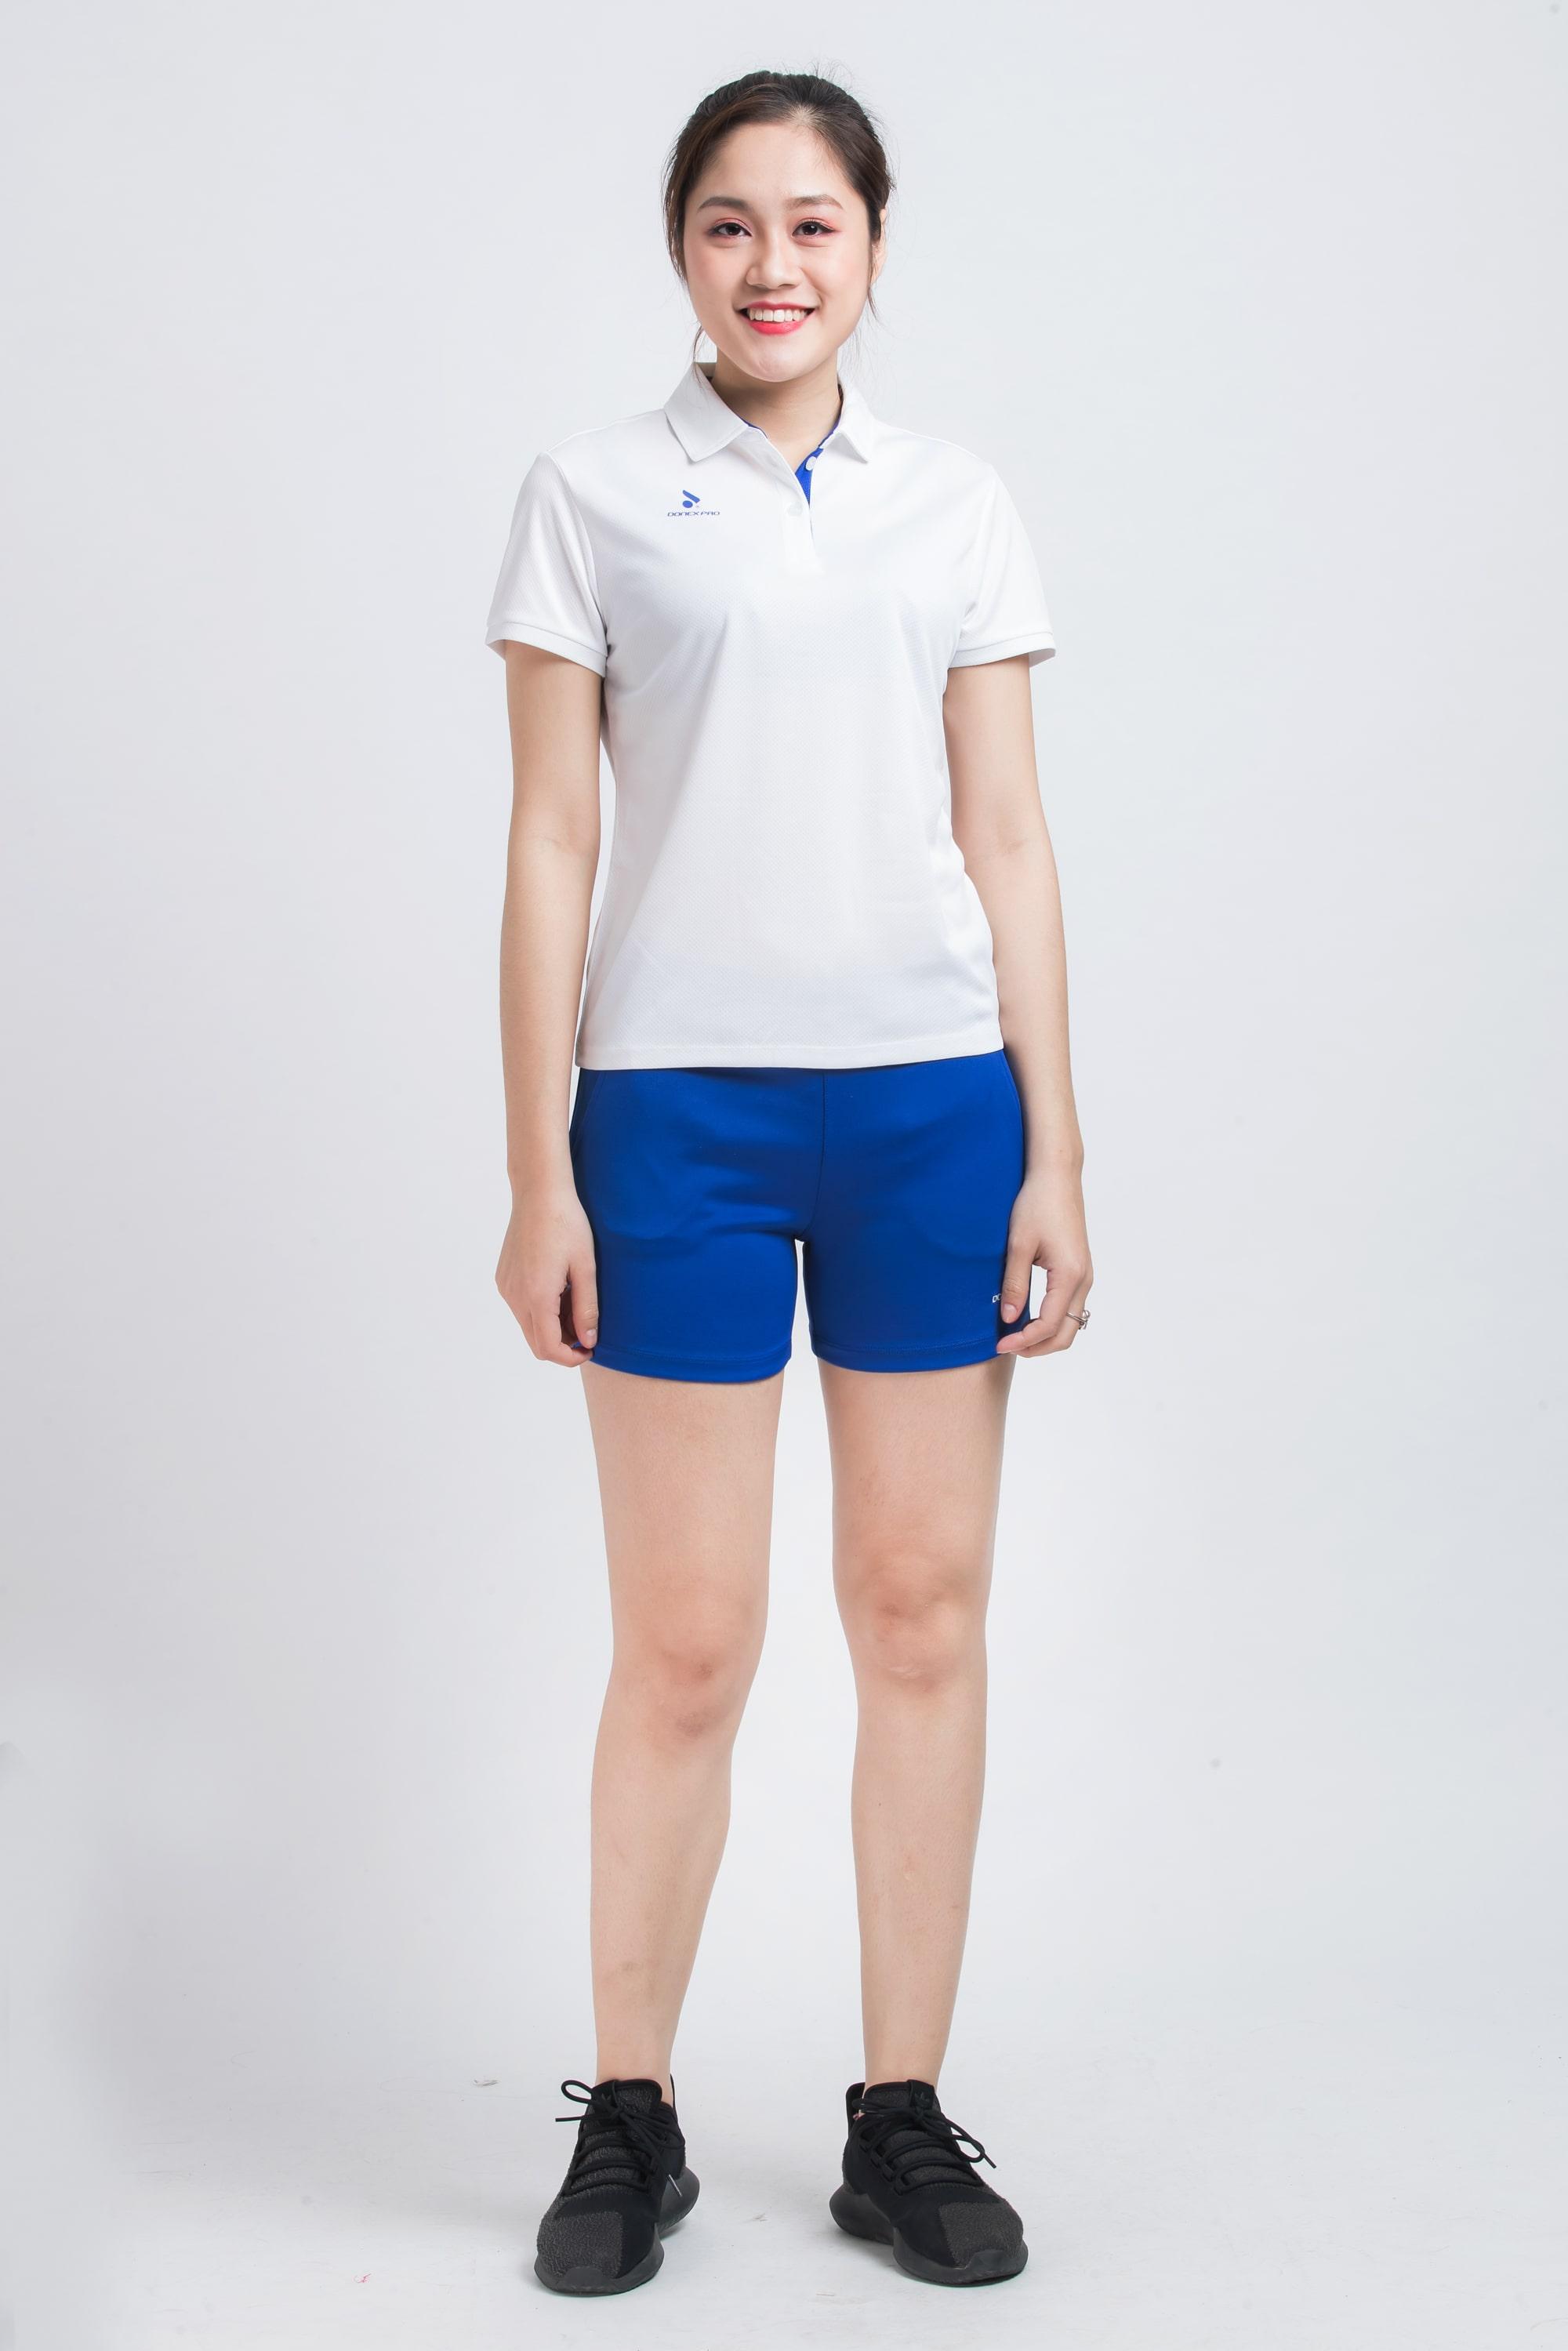 Quần thể thao nữ ASC-870 - Xanh bích phối trắng